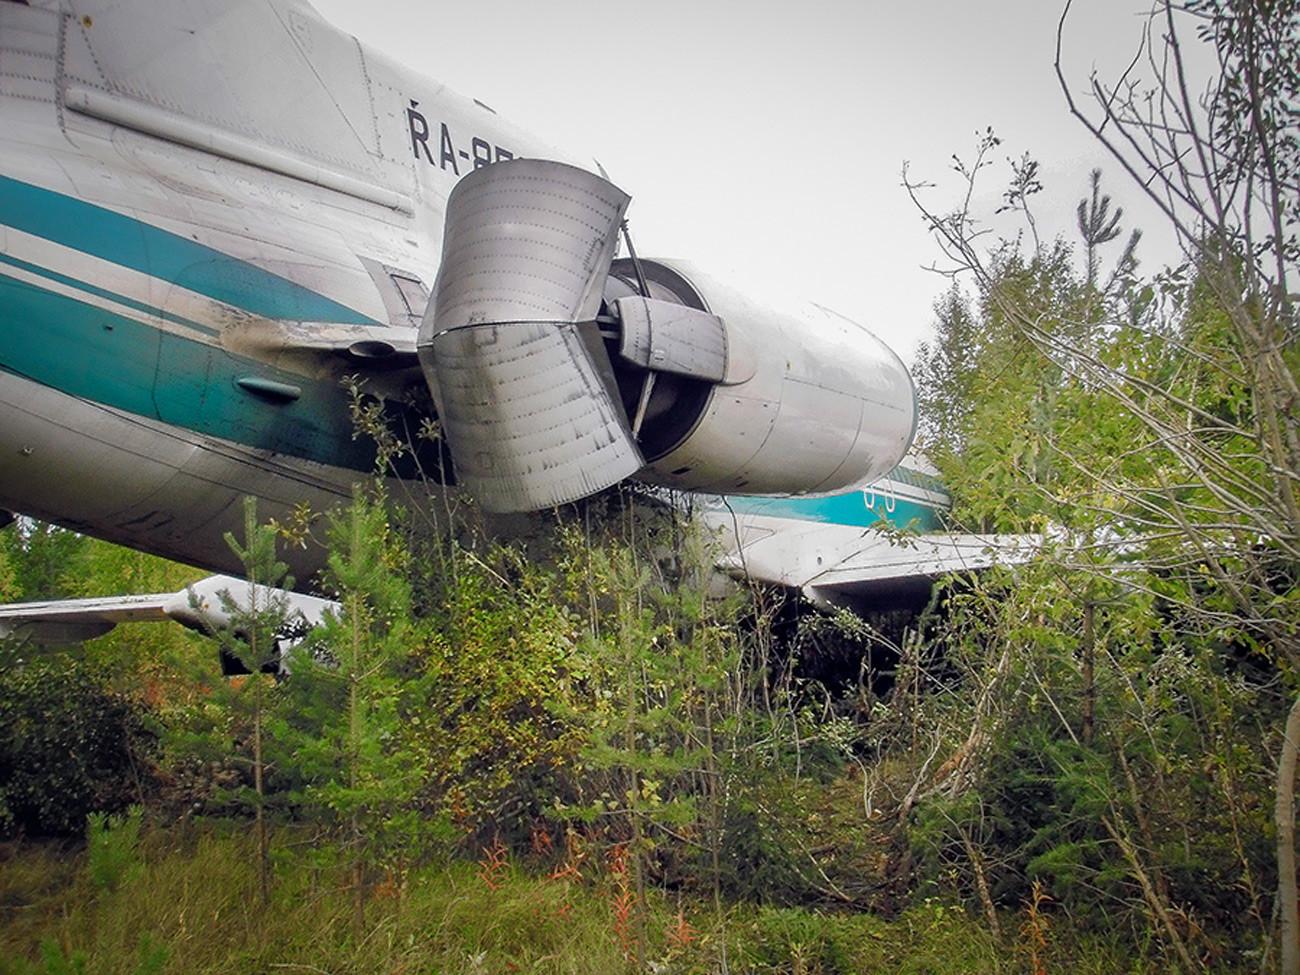 Патничкиот авион Тупољев-154 кој принудно слета на некогашниот аеродром во селото Ижма, Република Коми.